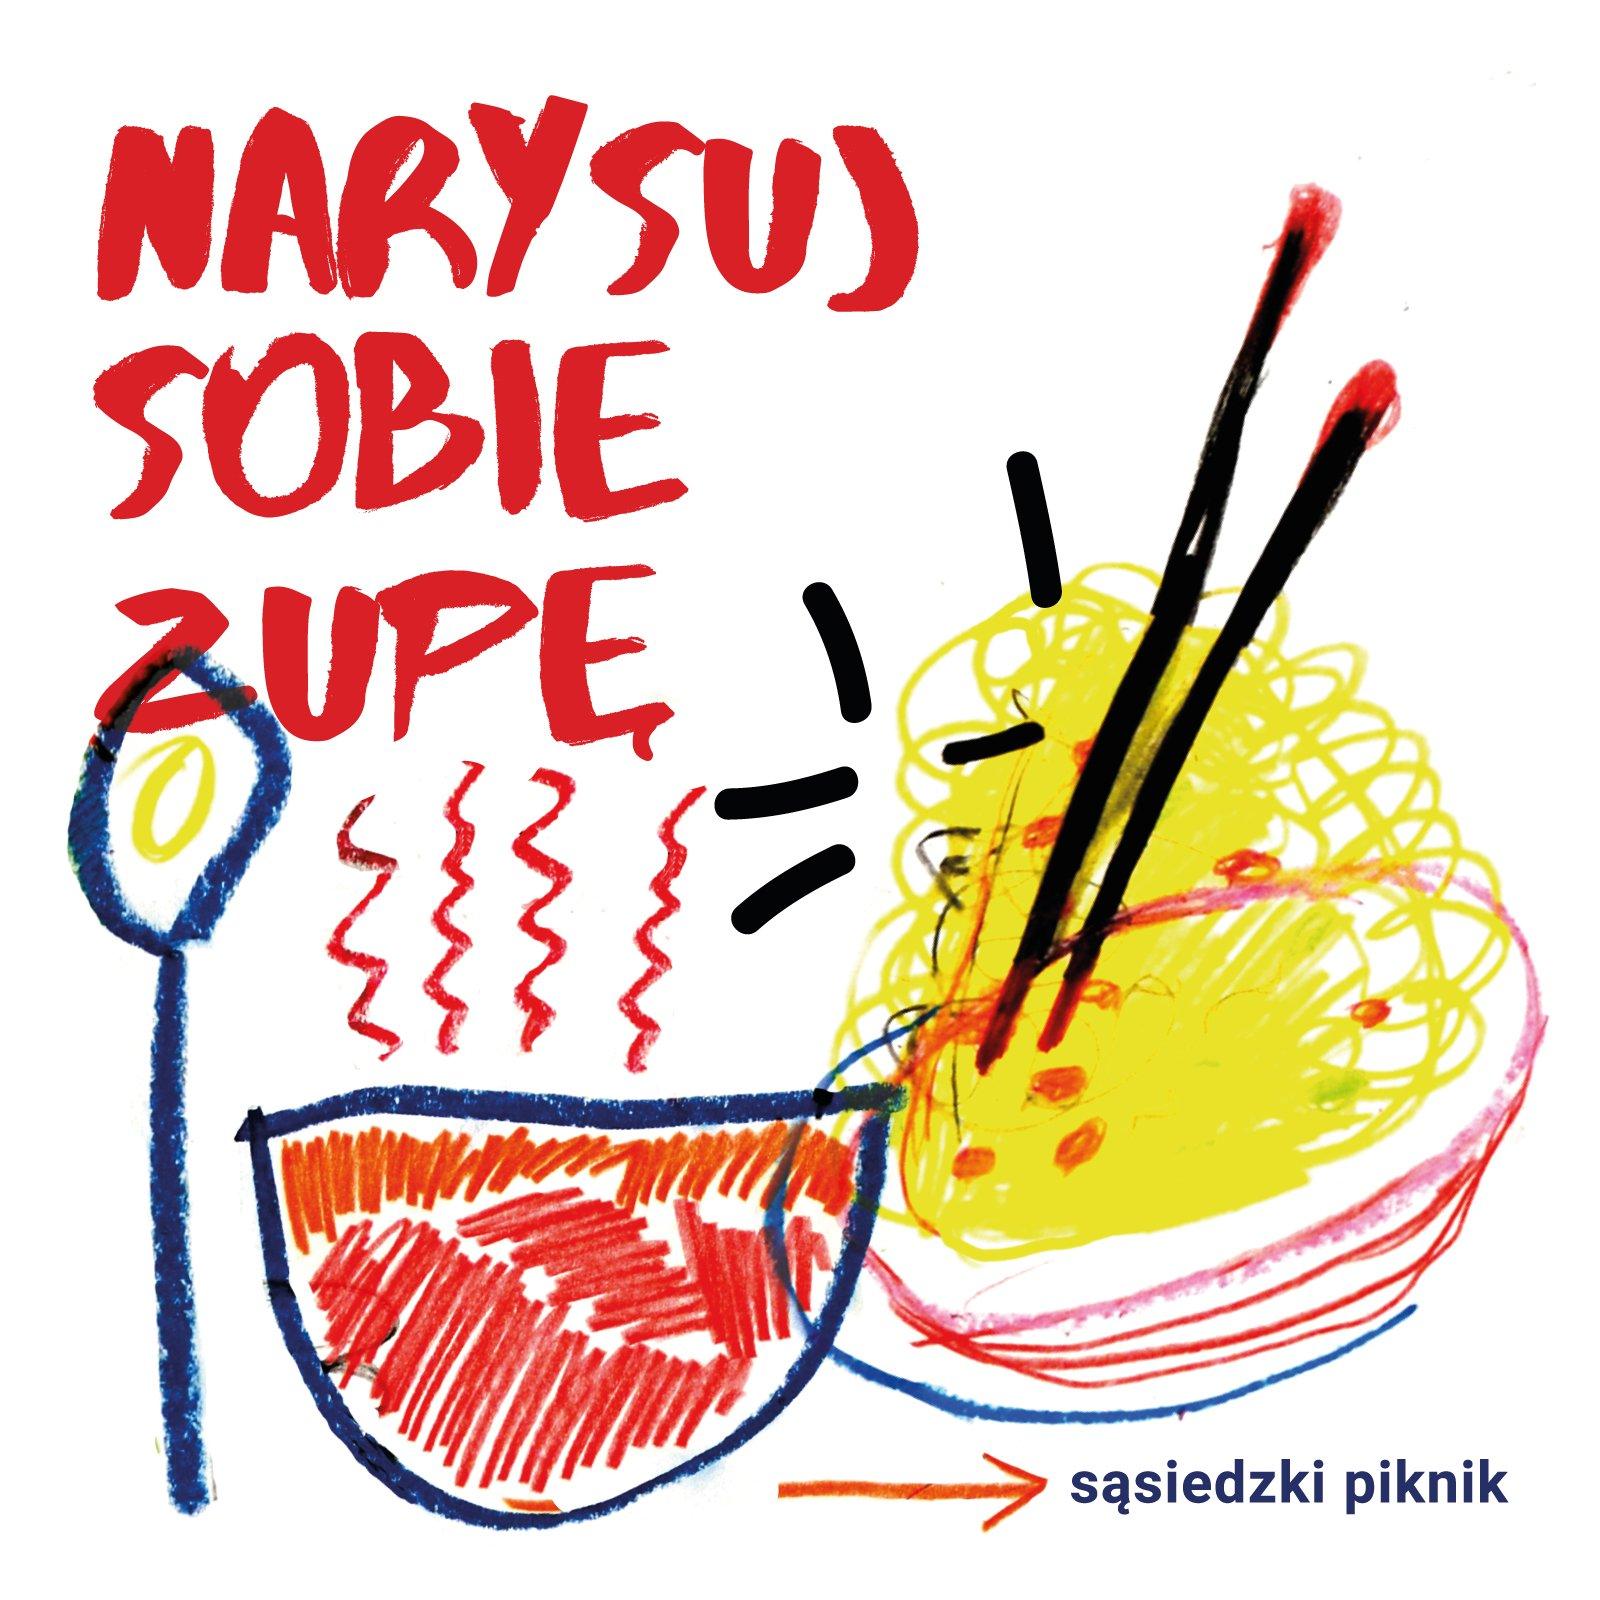 Niedzielny Poranek i sąsiedzki piknik we WRO: Narysuj sobie zupę!